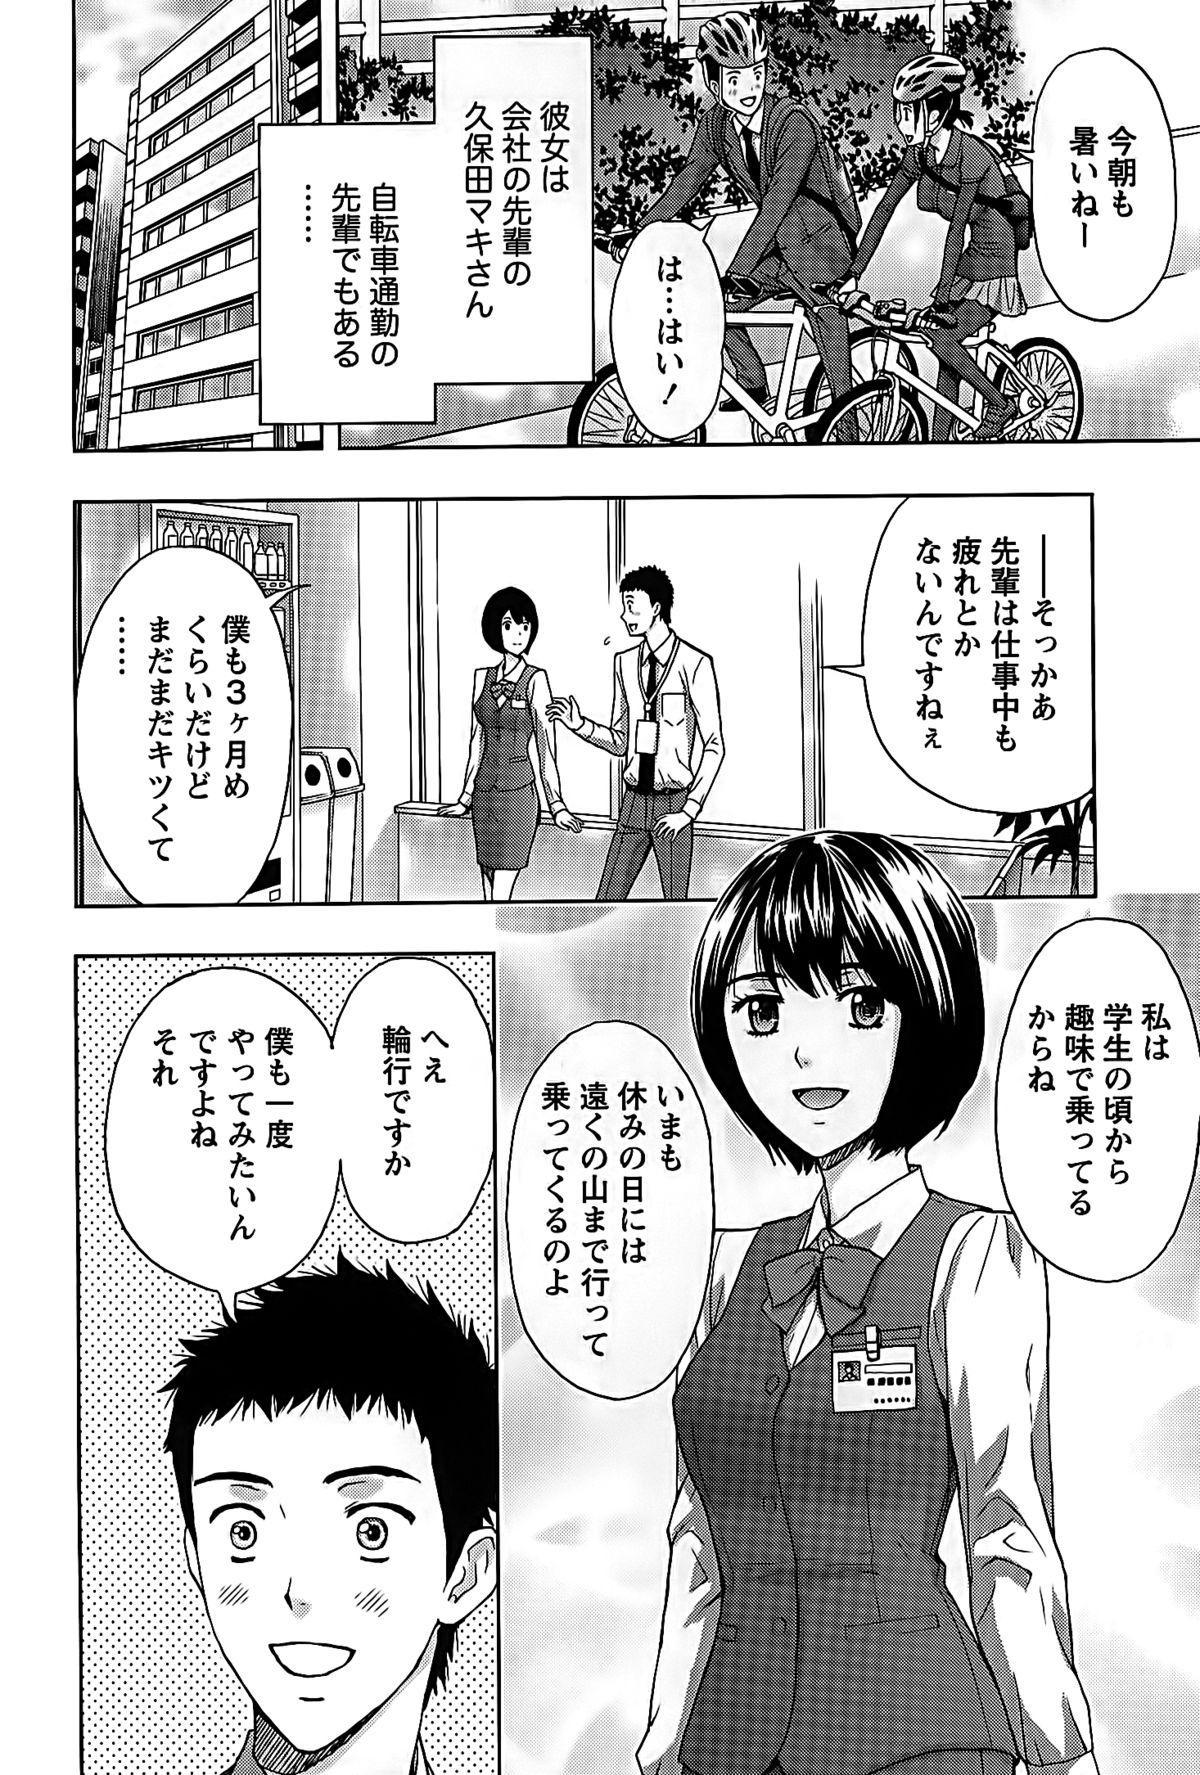 Shittori Lady to Amai Mitsu 5